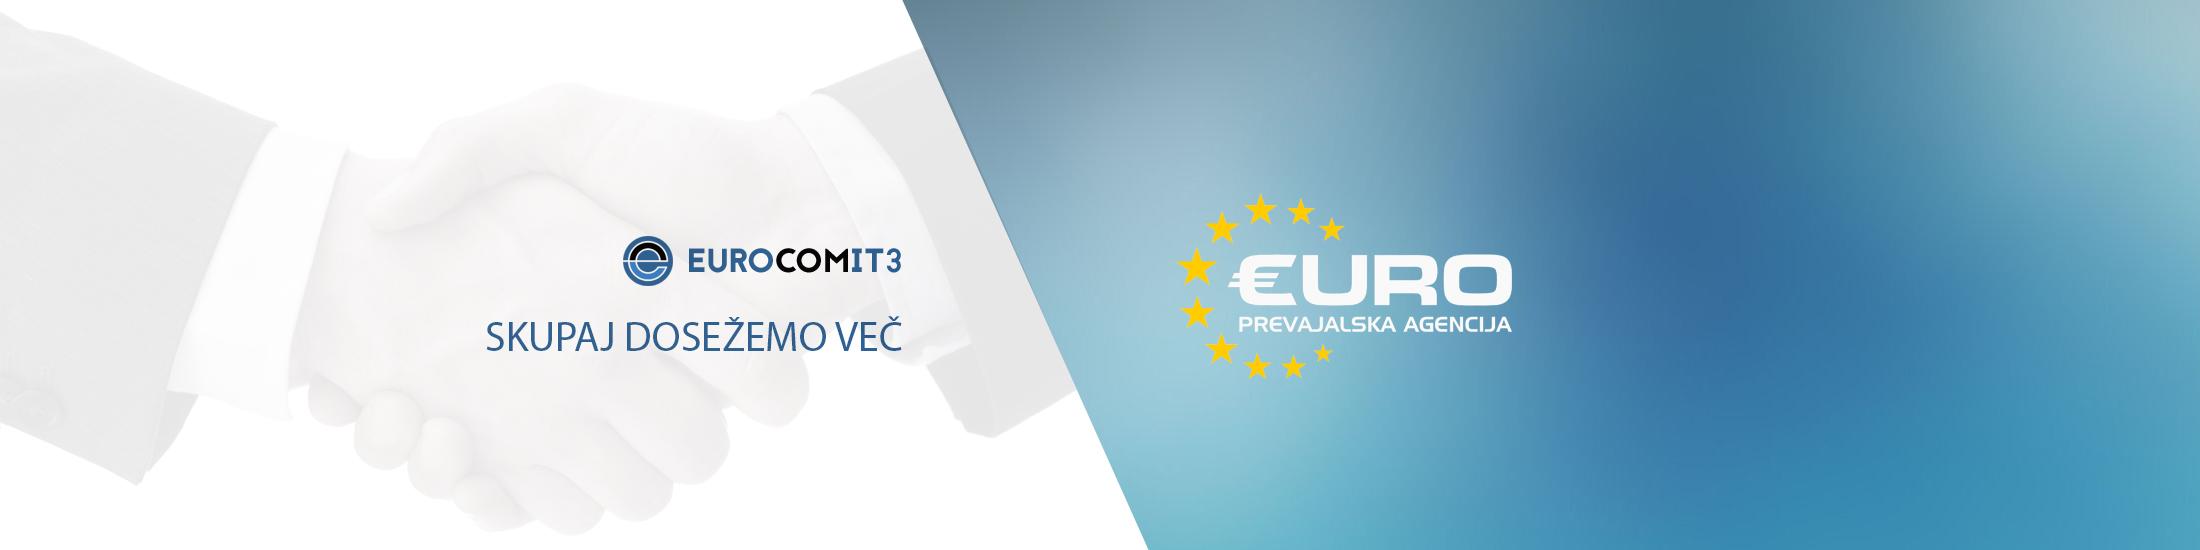 banner_eurotra_eurocomit_prevajalska_agenicja